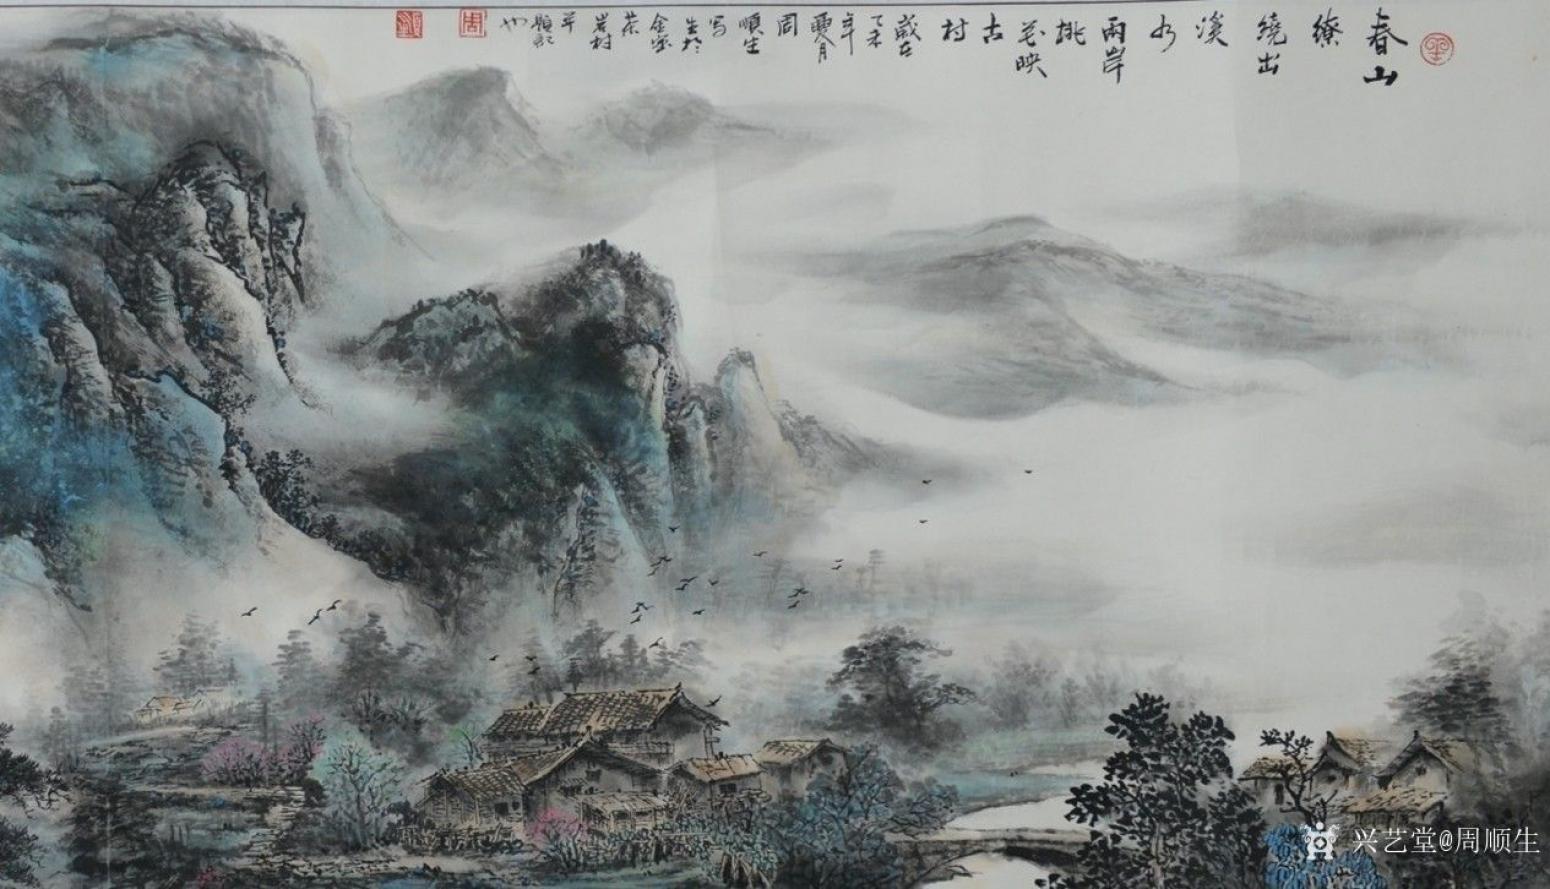 周顺生国画作品《四尺春山缭绕出溪水》【图1】